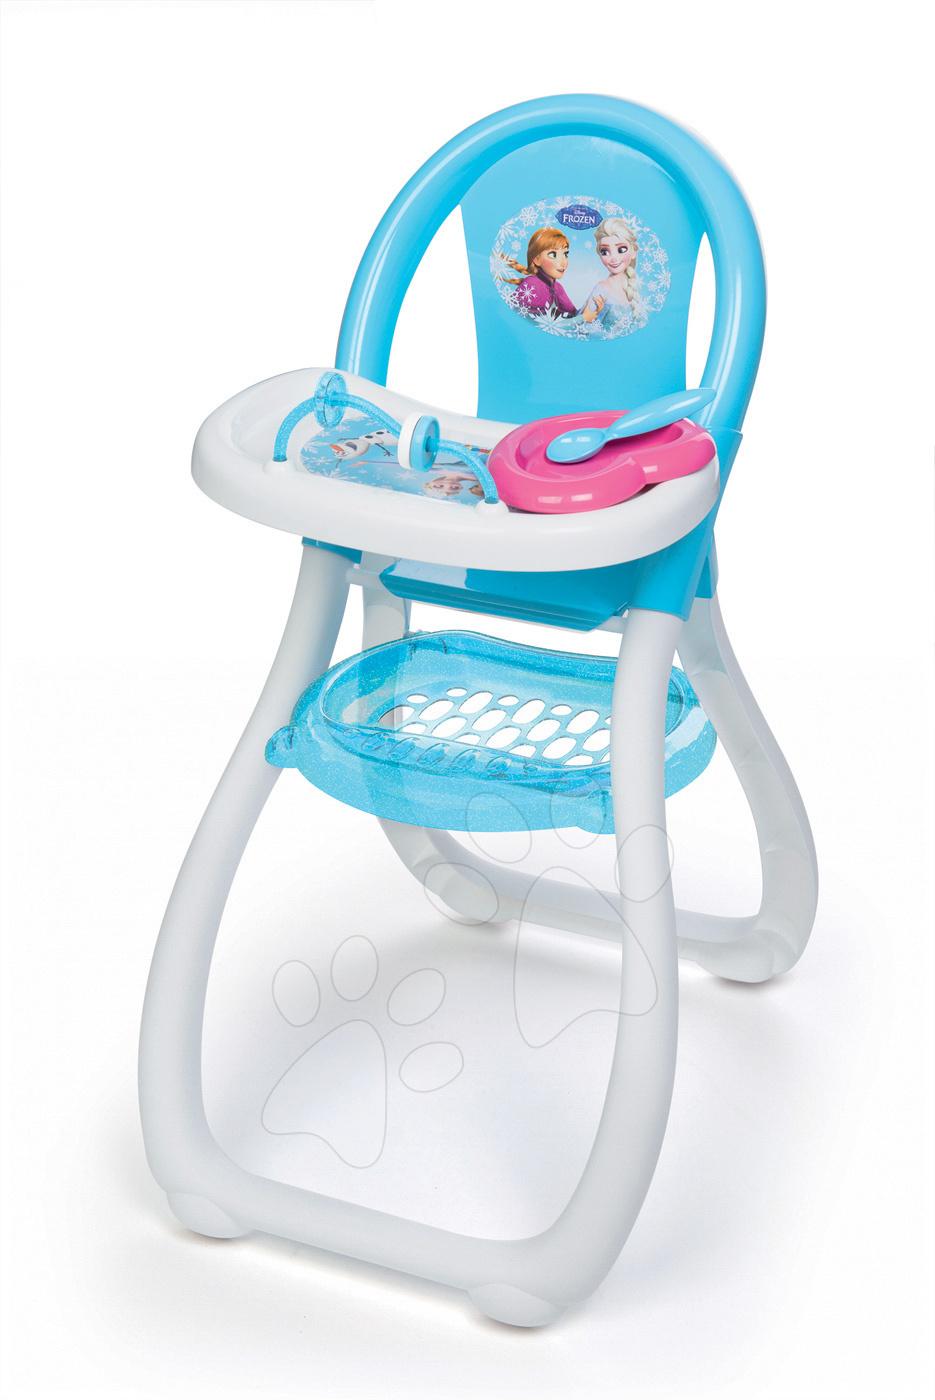 Jídelní židle Frozen Smoby pro 42 cm panenku s doplňky od 3 let